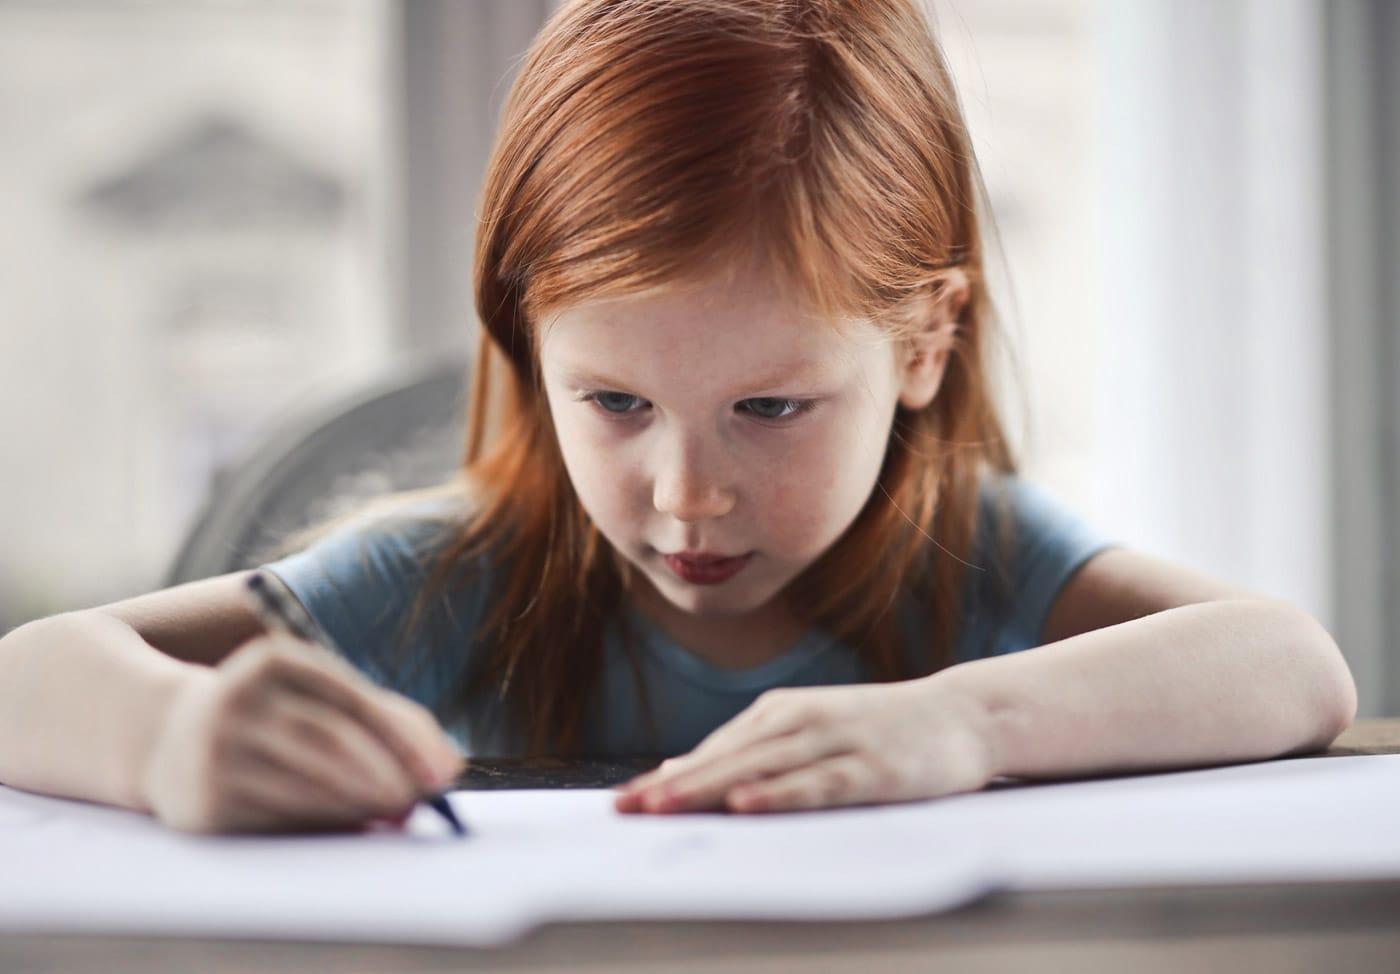 Lernprogramme und Lernformate für den Unterricht zu Hause // HIMBEER